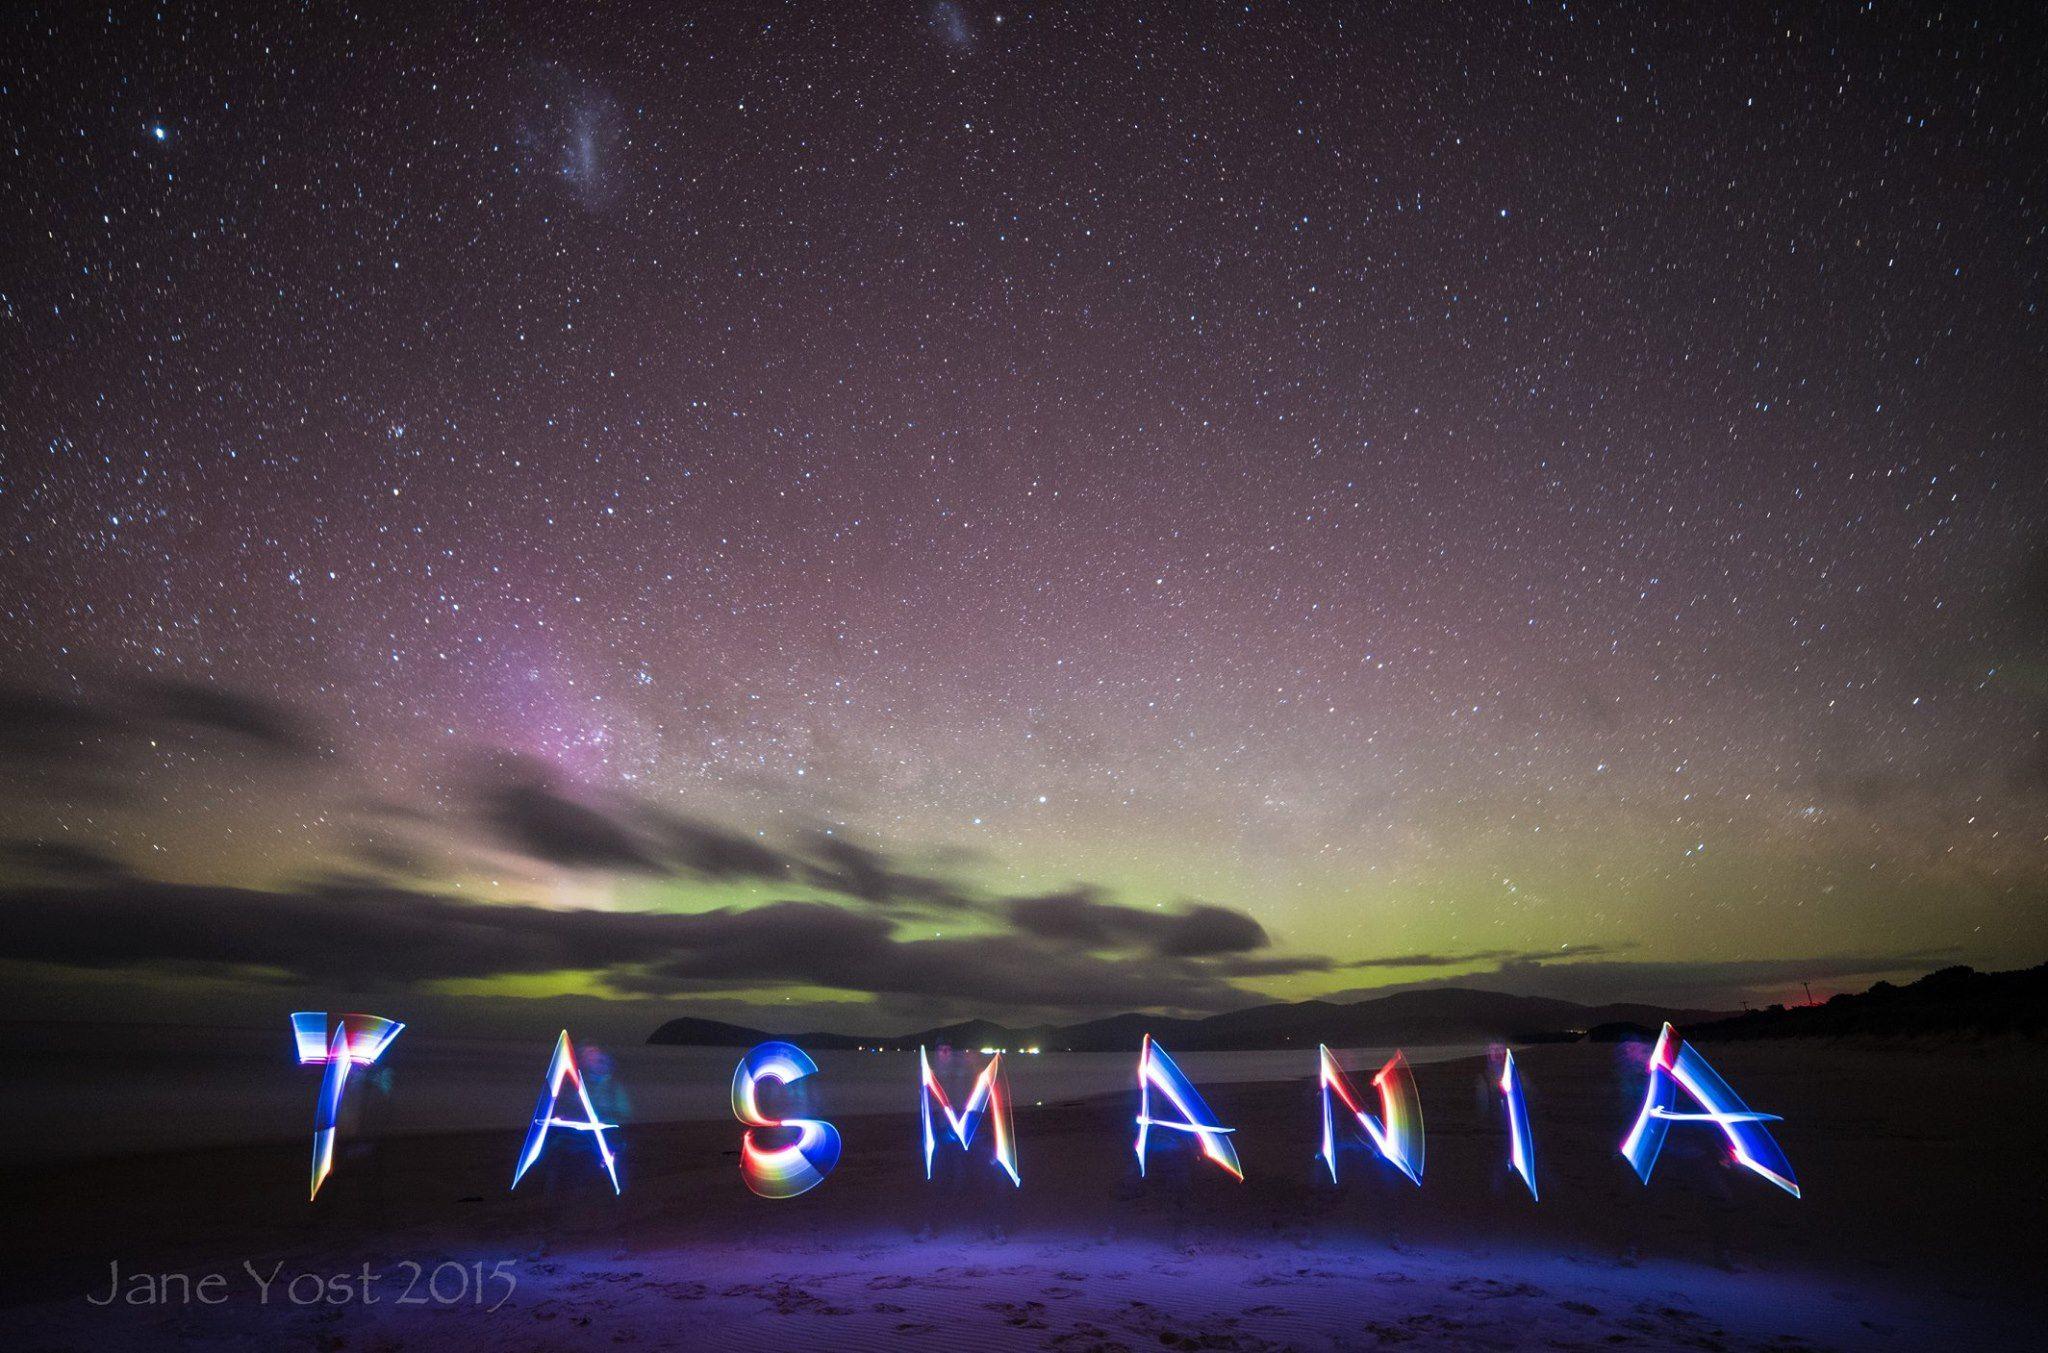 이번 한 주도 수고한 당신께 #태즈매니아 에서 보내온 멋진 사진들을 전합니다. ;) #wowaustralia   사진: Jane Yost https://t.co/Vvcd4vsEqN